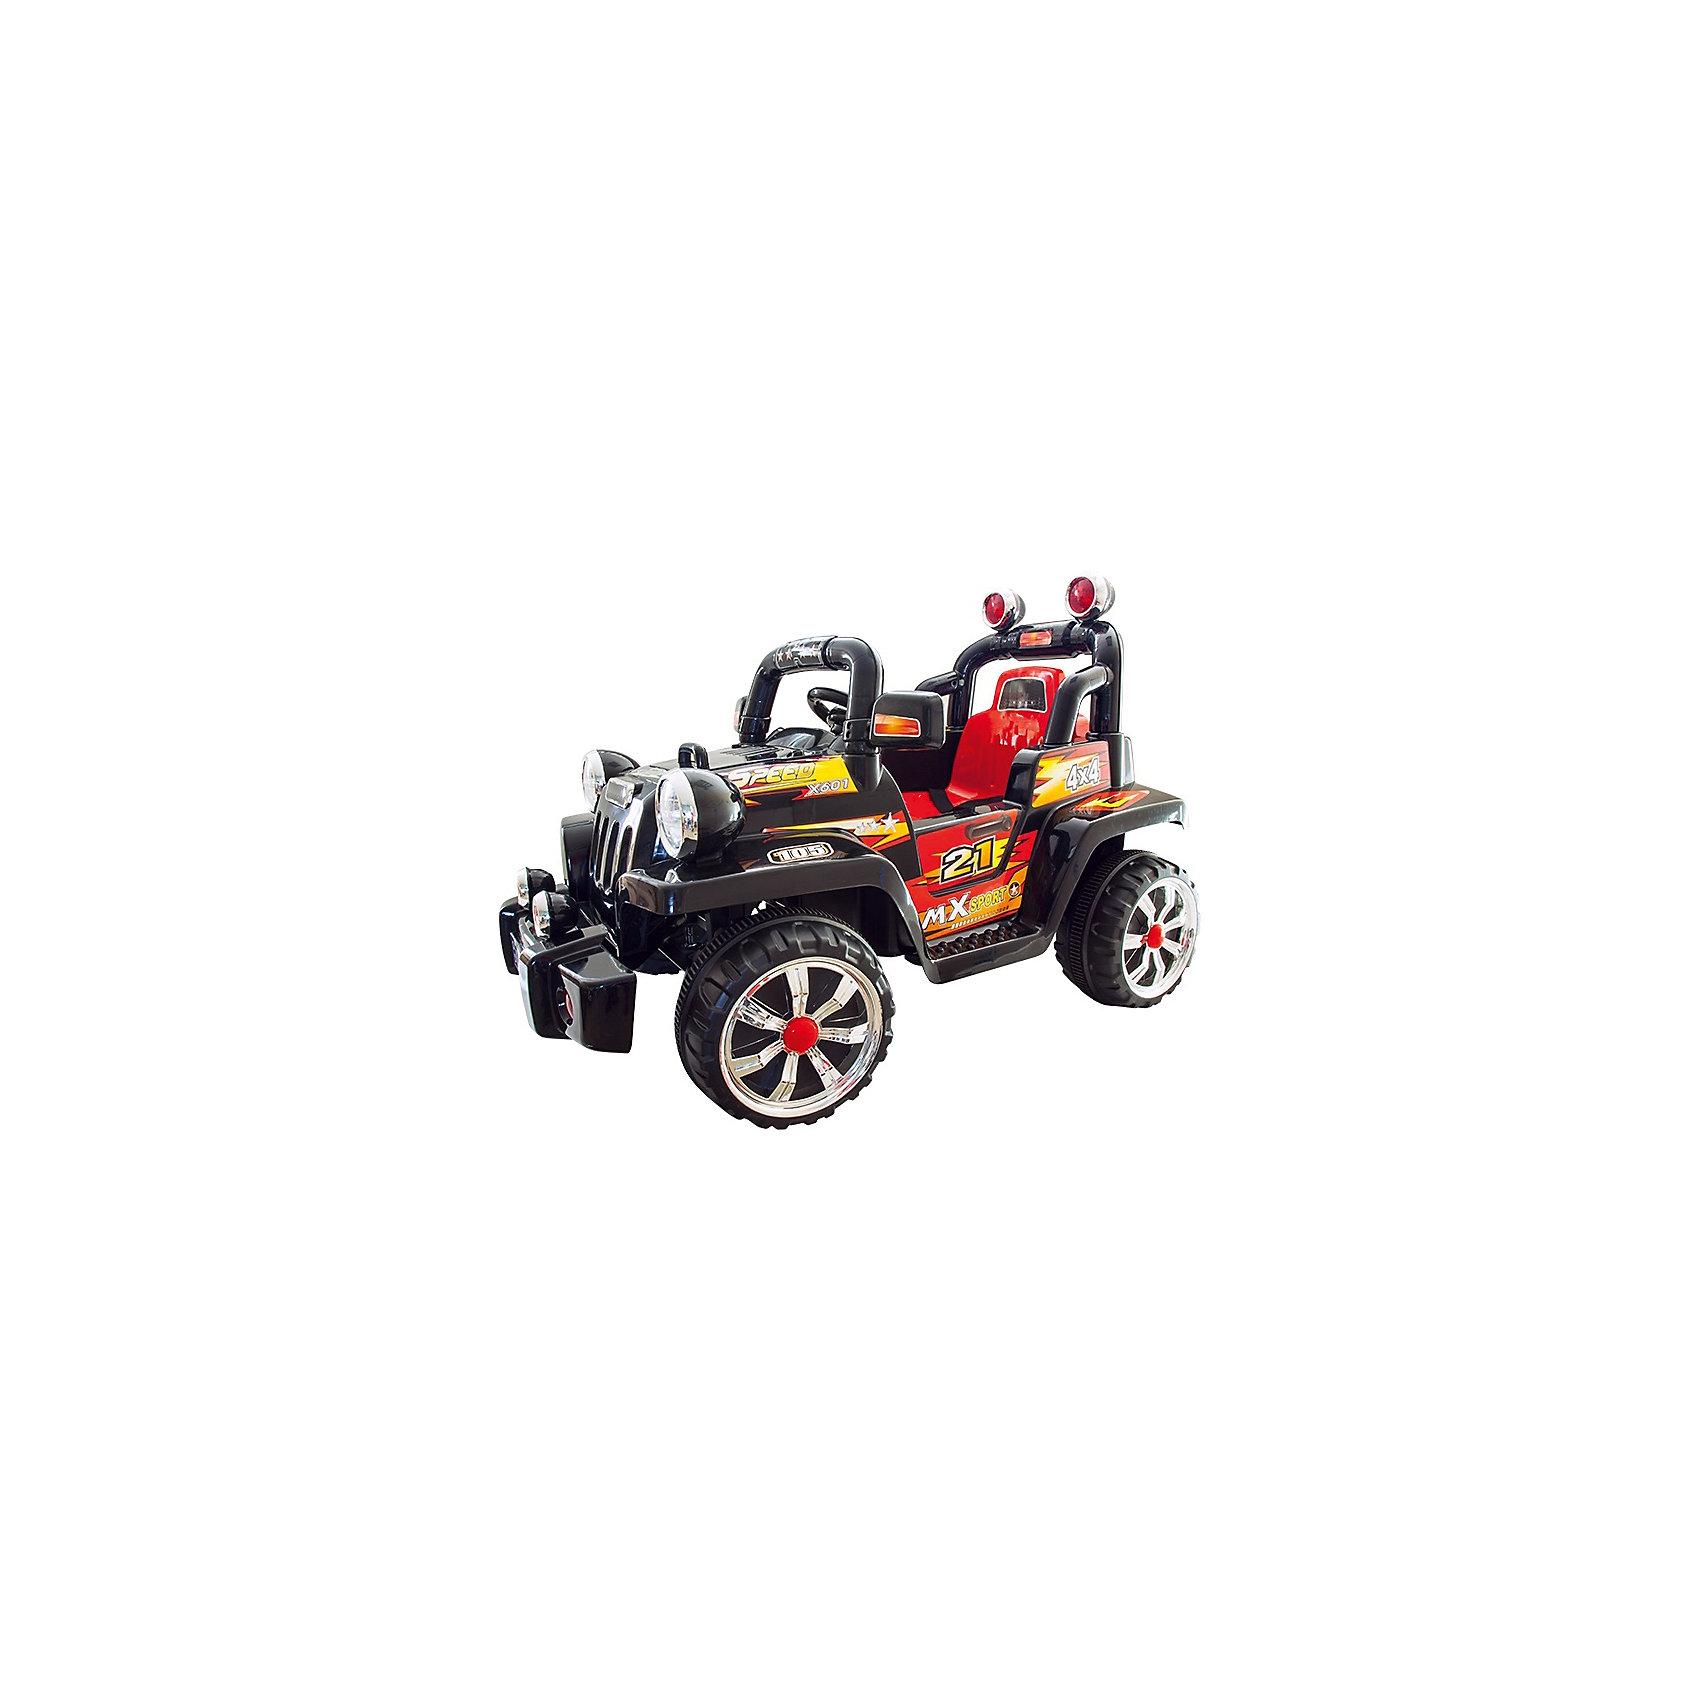 Электромобиль Внедорожник-1106A, ZilmerЭлектромобили<br>Электромобиль Zilmer Внедорожник-1106A на аккумуляторной батарее со световыми и звуковыми эффектами станет отличным подарком для ребёнка от 3 до 7 лет! Электромобиль позволит почувствовать себя настоящим водителем!<br>Характеристики:<br>Движение вперёд и назад, повороты влево и вправо,<br>Аккумуляторная батарея: 6В 7 А/ч,<br>Скорость: 2-3 км/ч,<br>Максимальная нагрузка: 30 кг,<br>Время использования без подзарядки: 1-2 часа,<br>Световые и звуковые эффекты.<br>Комплектация и описание товара могут незначительно отличаться от указанных на сайте и в инструкции.<br><br>Ширина мм: 1020<br>Глубина мм: 670<br>Высота мм: 455<br>Вес г: 16700<br>Возраст от месяцев: 36<br>Возраст до месяцев: 72<br>Пол: Унисекс<br>Возраст: Детский<br>SKU: 4637754